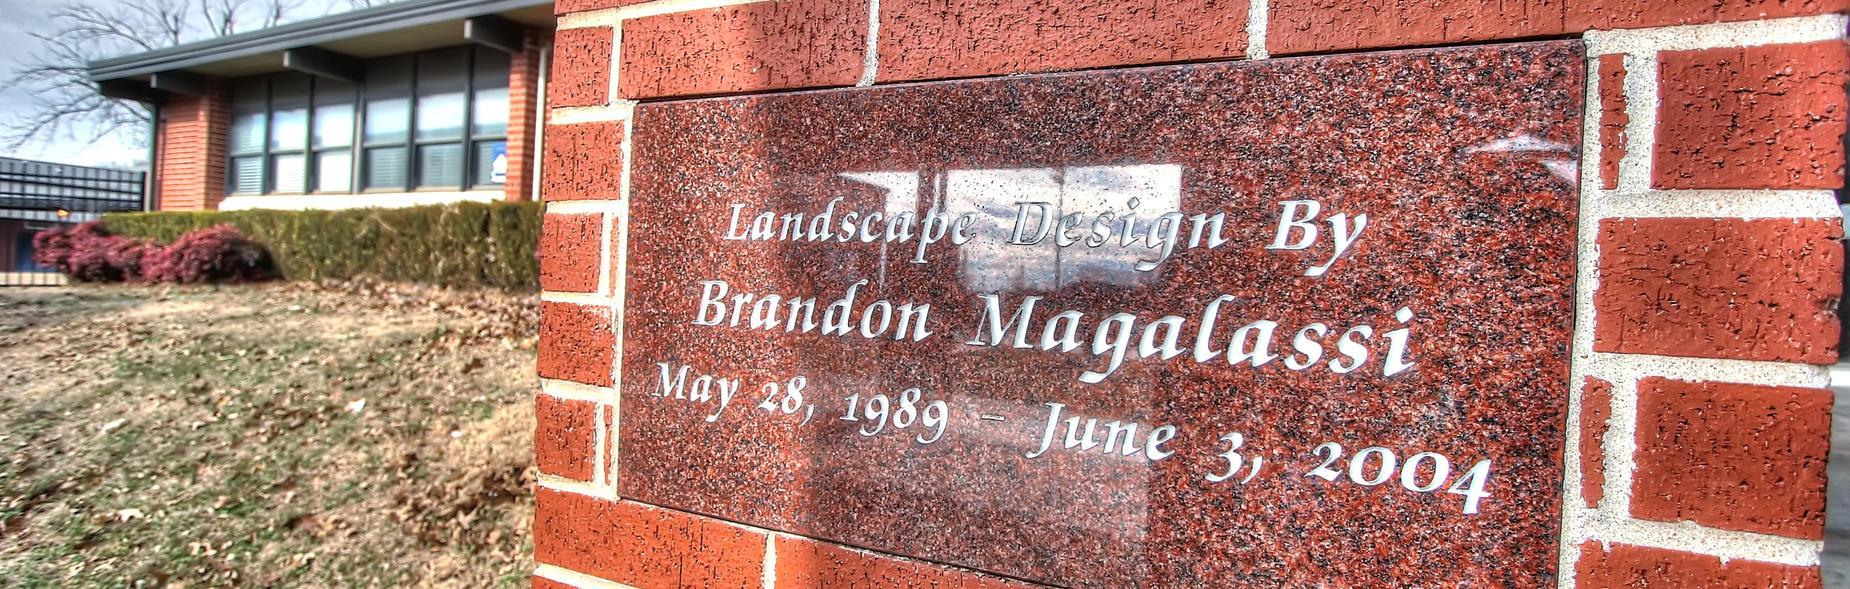 Brandon Magalassi Memorial